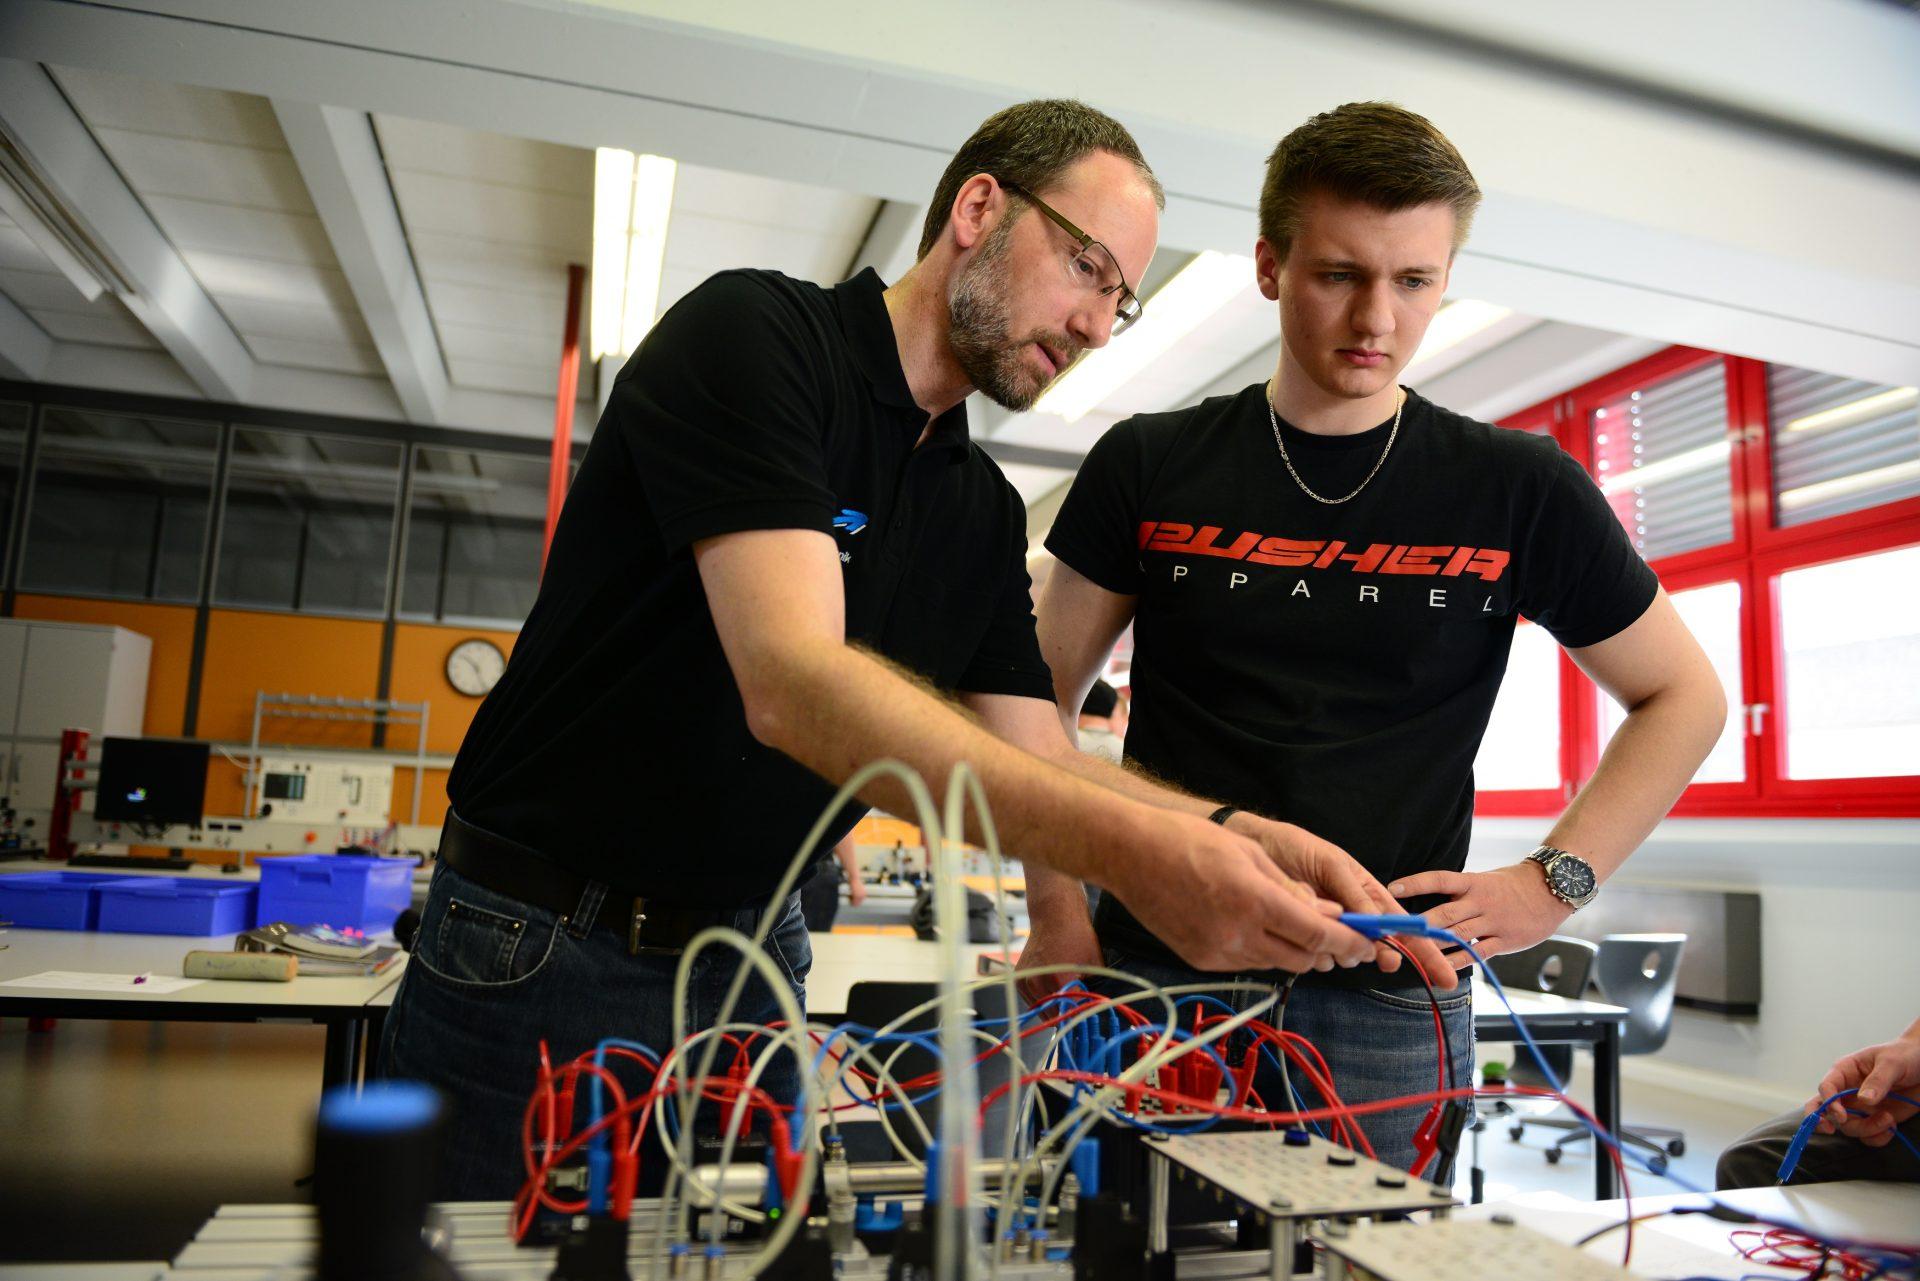 Fachschule für Technik der GDS1 in Sindelfingnen